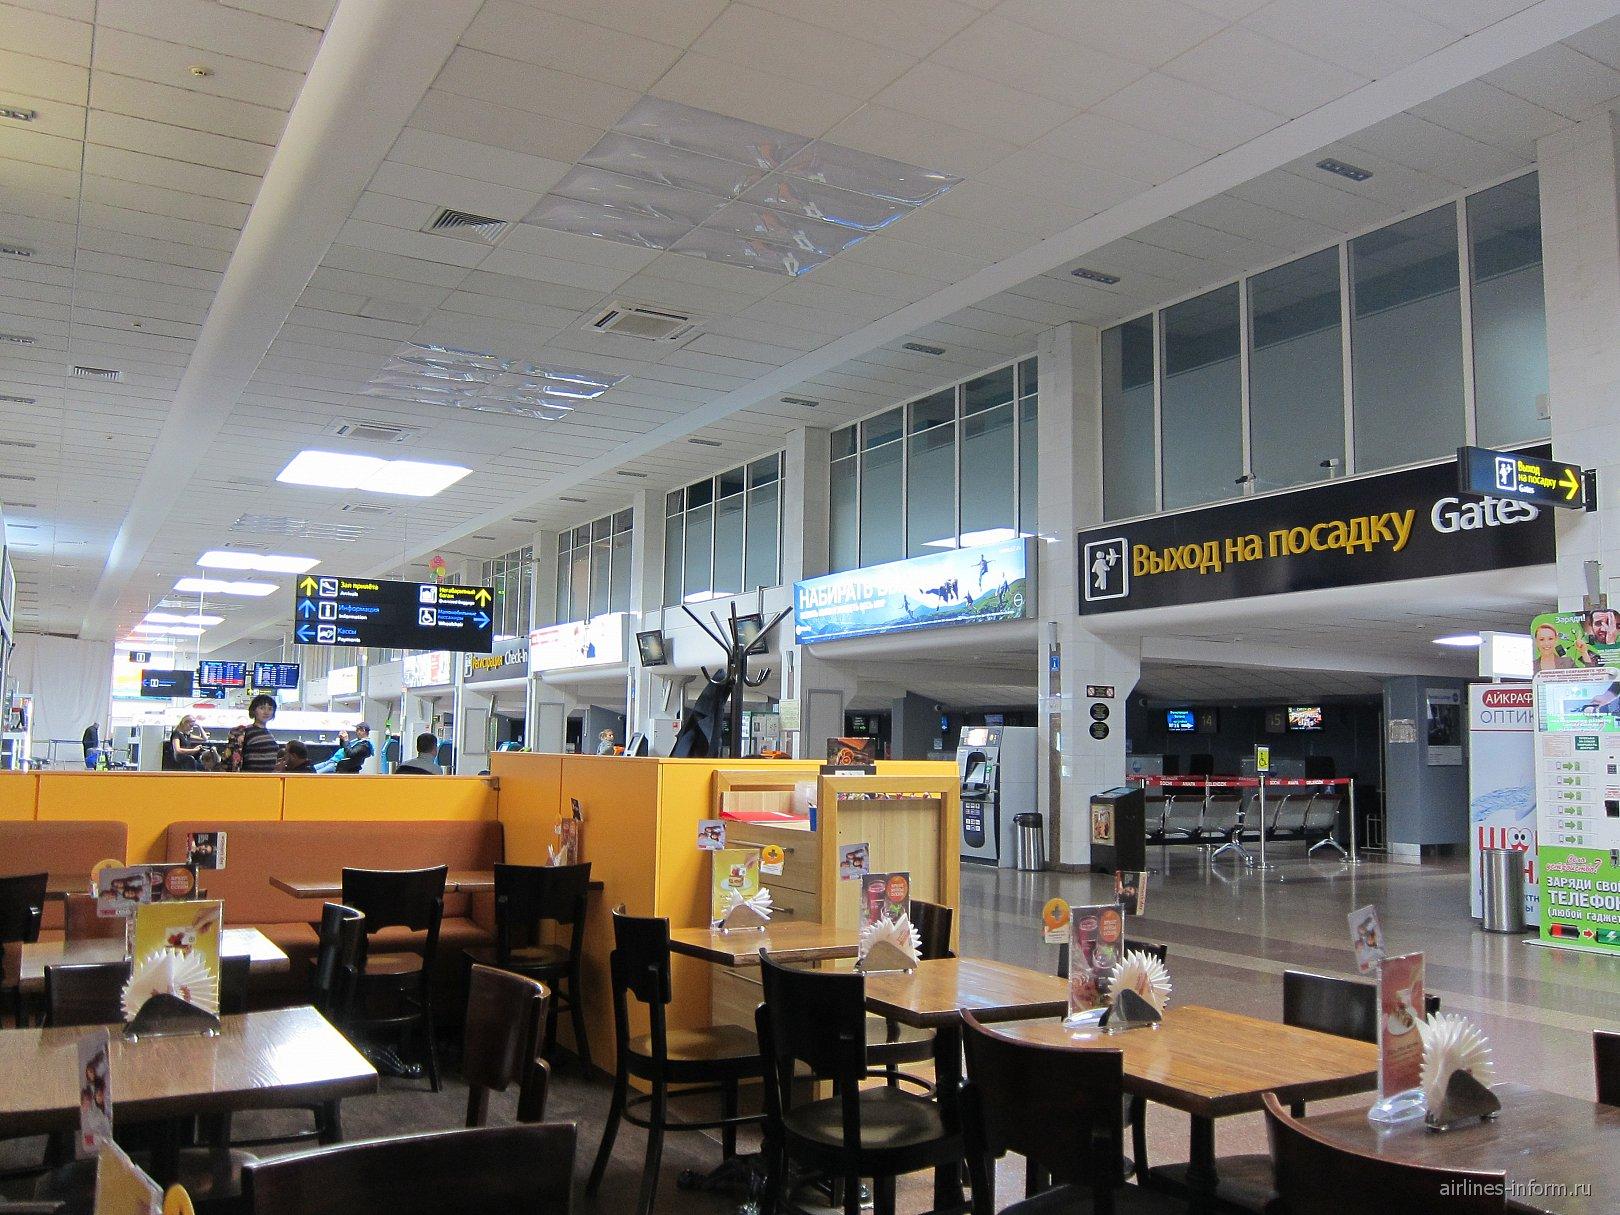 В терминале внутренних рейсов аэропорта Краснодар Пашковский